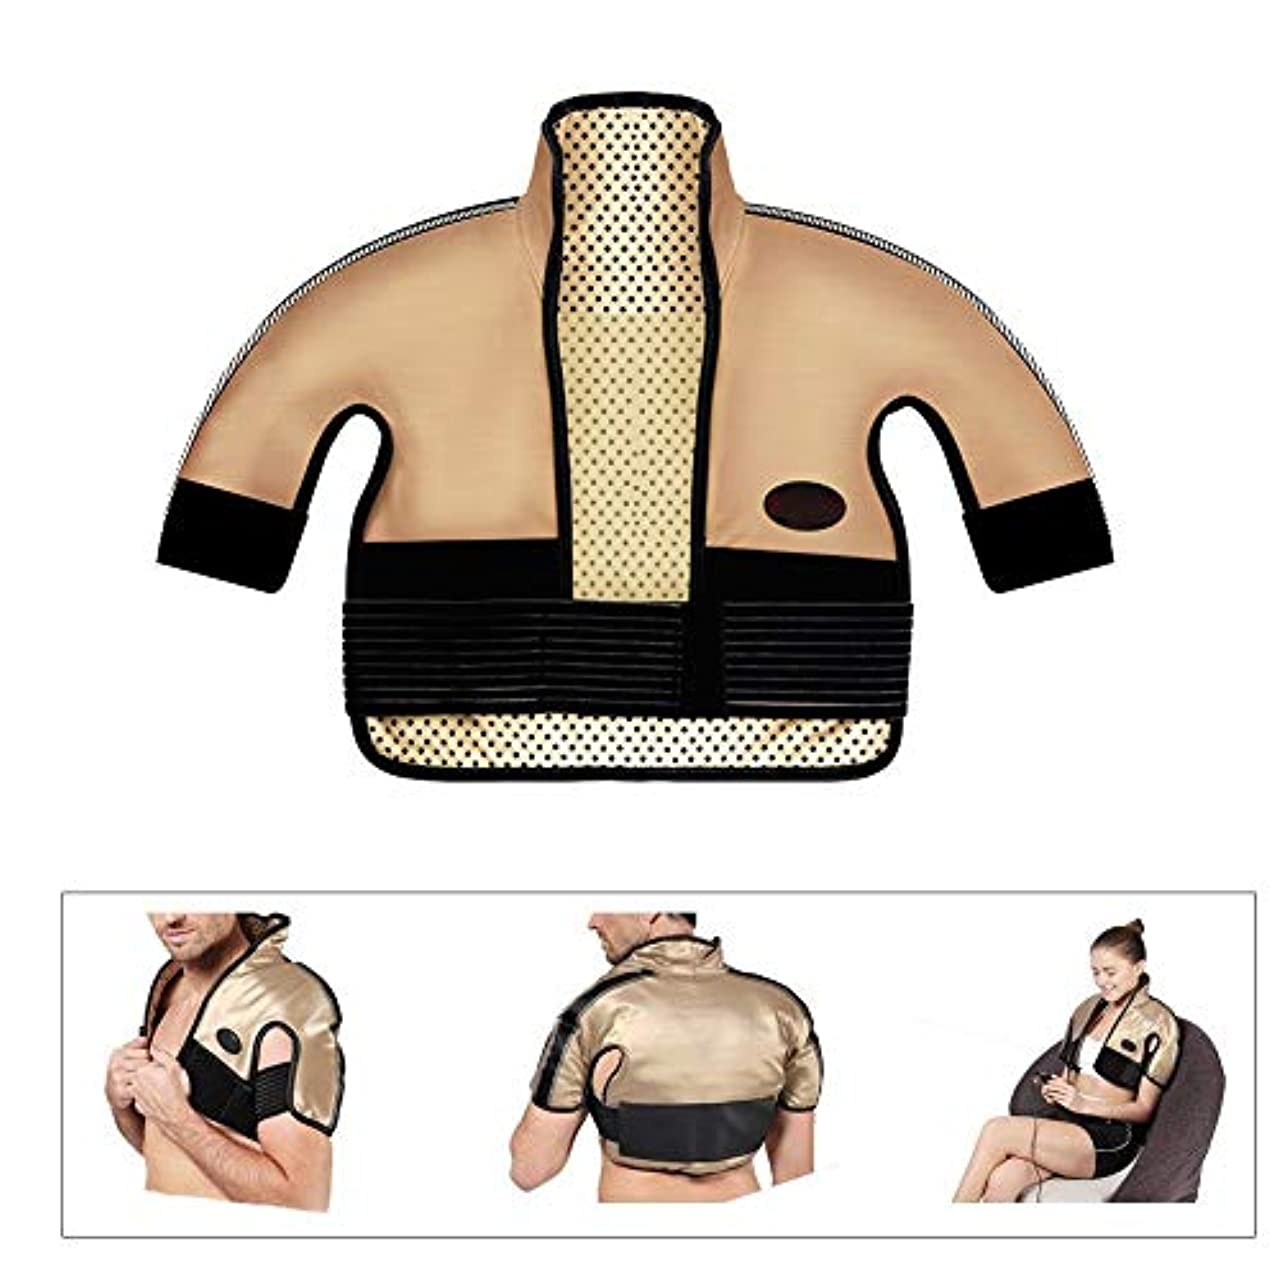 データベーススリーブ感性肩と首の電気加熱パッド - 混練加熱、痛み緩和加熱パッドを叩く、医療用品マッサージベスト(肩幅用:40-65CM)